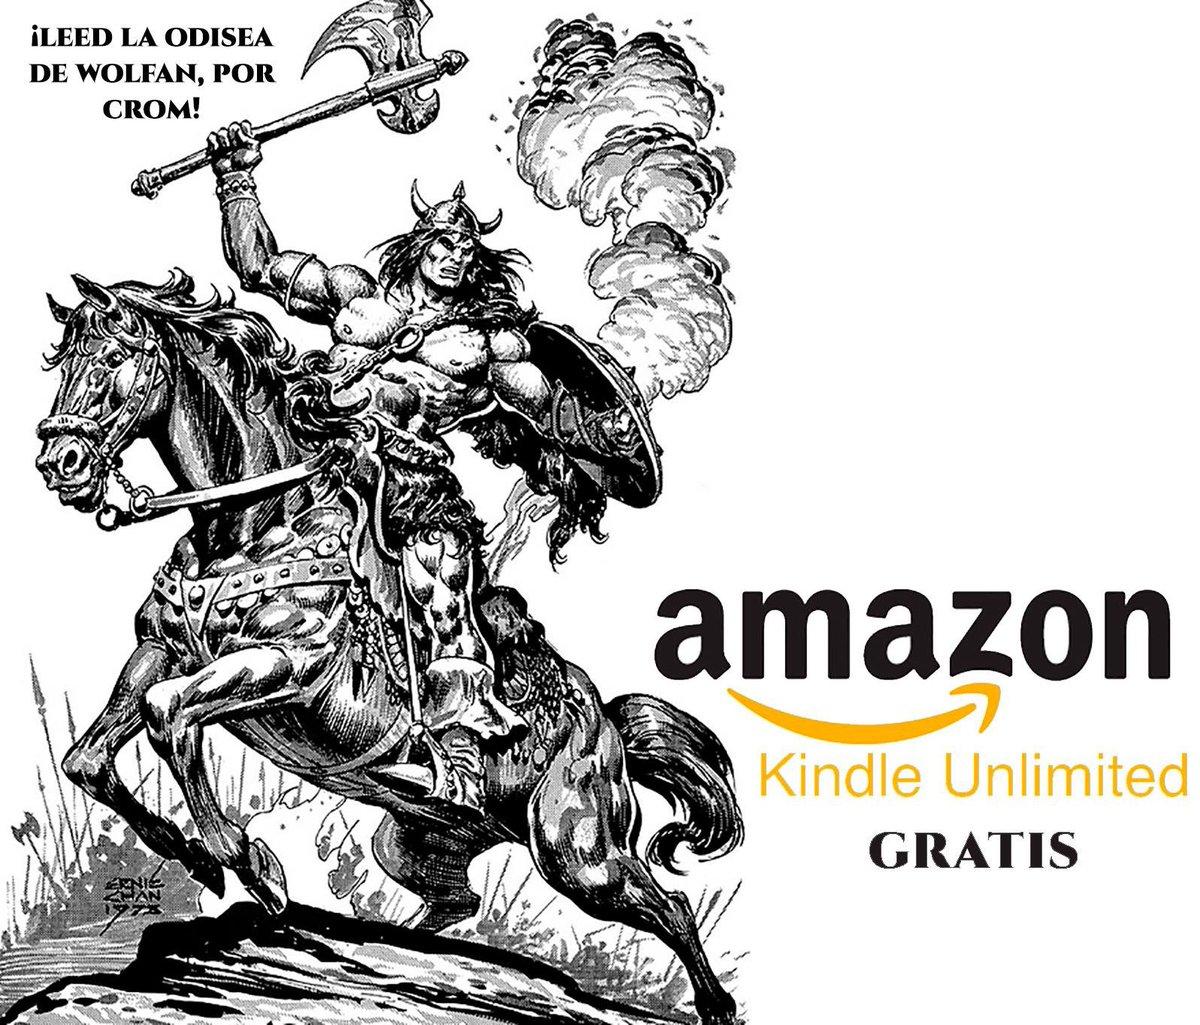 #LaodiseadeWolfan buscolectores ¡Disponible en #primereading! Le daréis una oportunidad?  ¡Fantasía épica en estado puro! #Amazon  #fantasia #magia #regal #arte #instalibros #letras #escritor #novela #bookworm